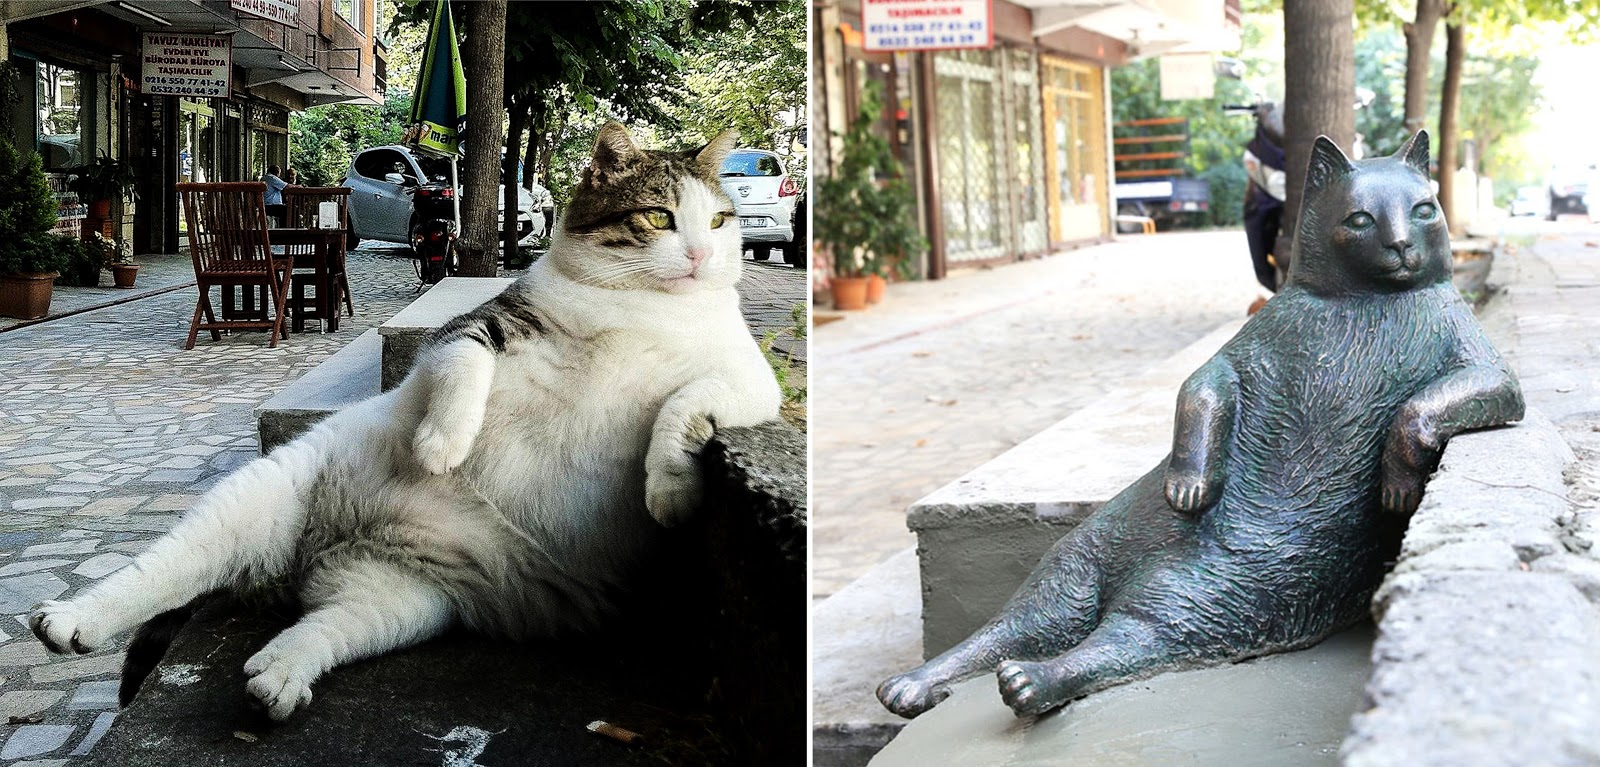 Украденный памятник стамбульской кошке Томбили вернули на место